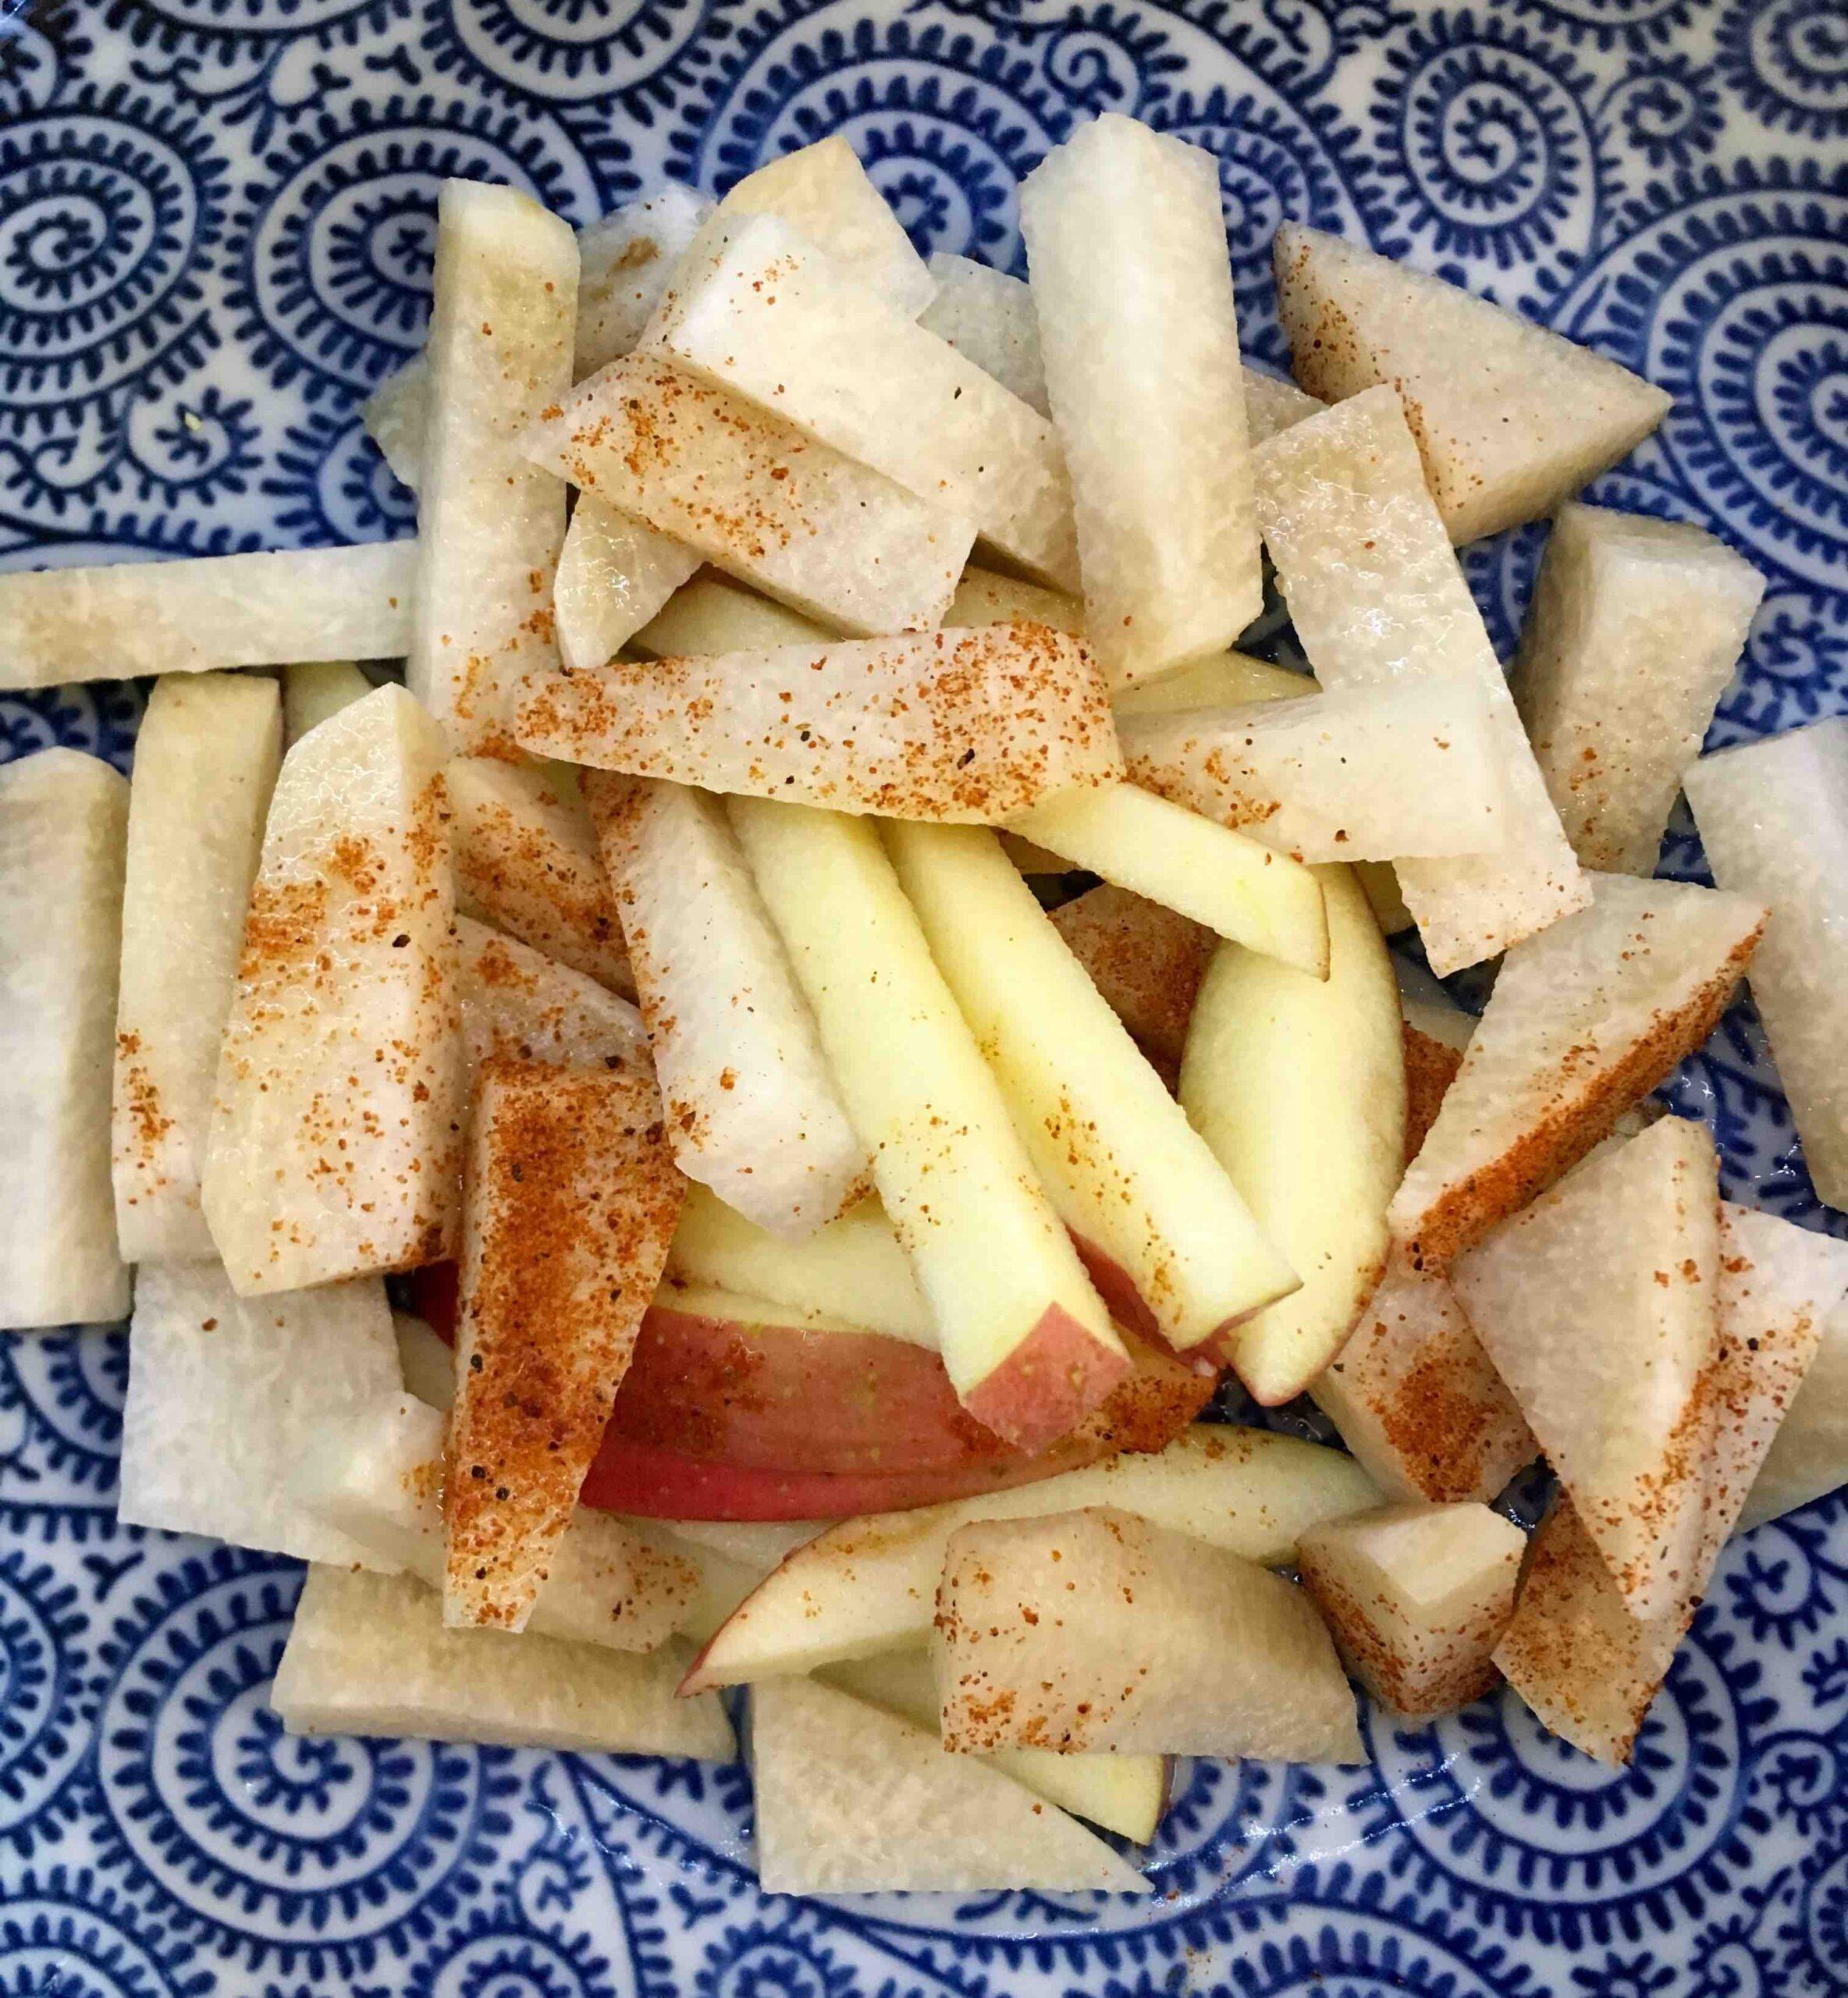 jicama apple salad